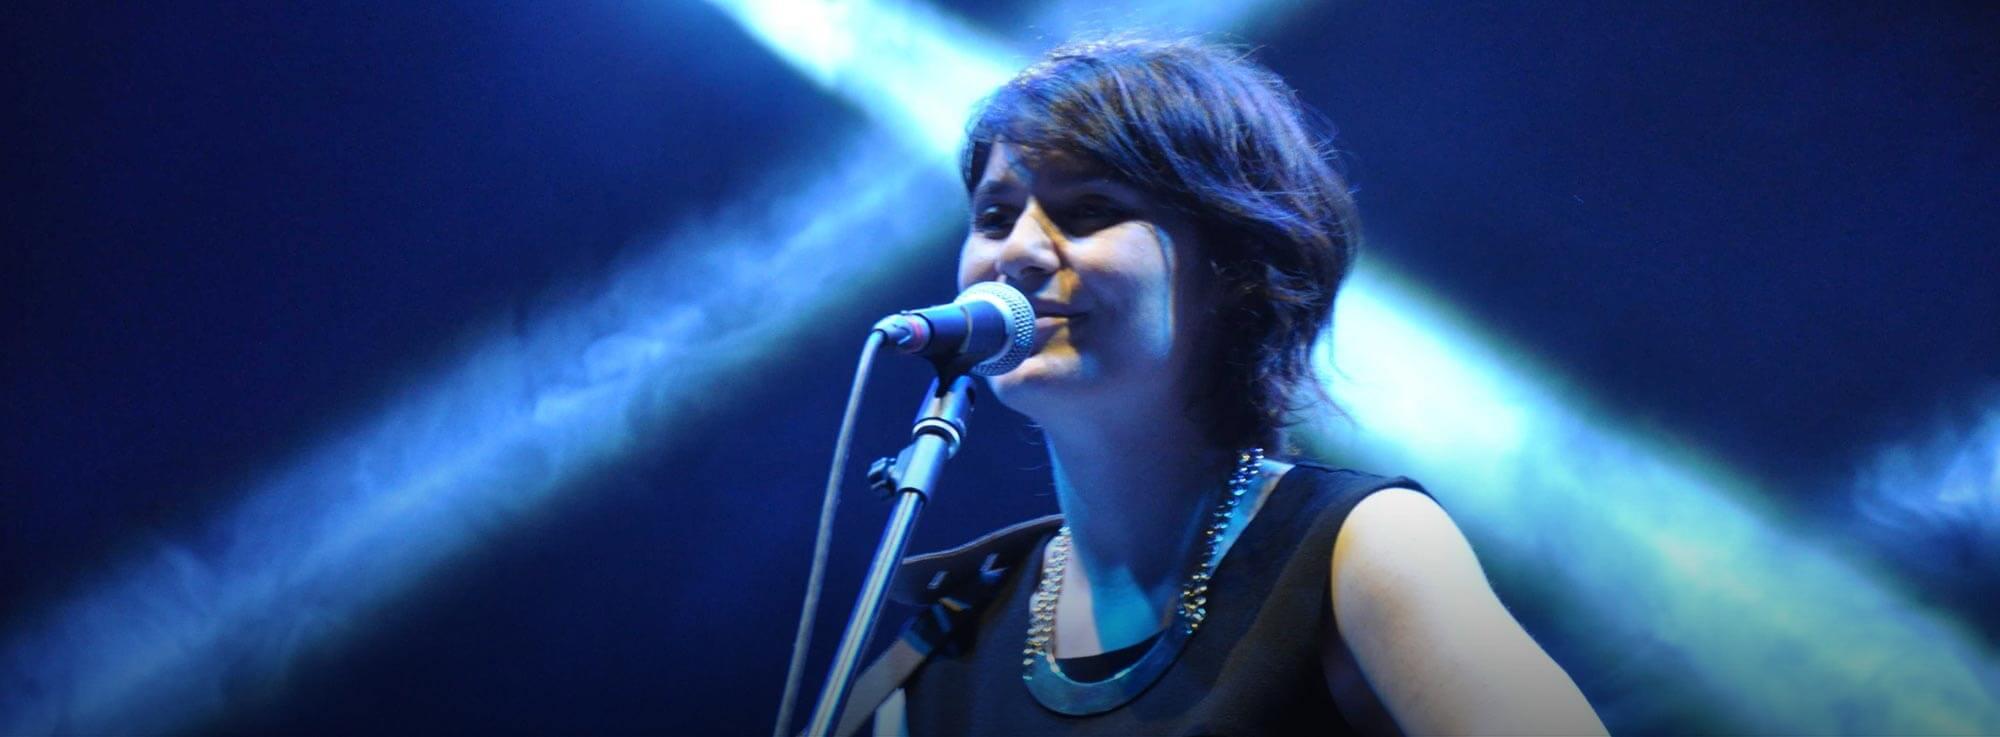 Lizzano: Erica Mou in concerto